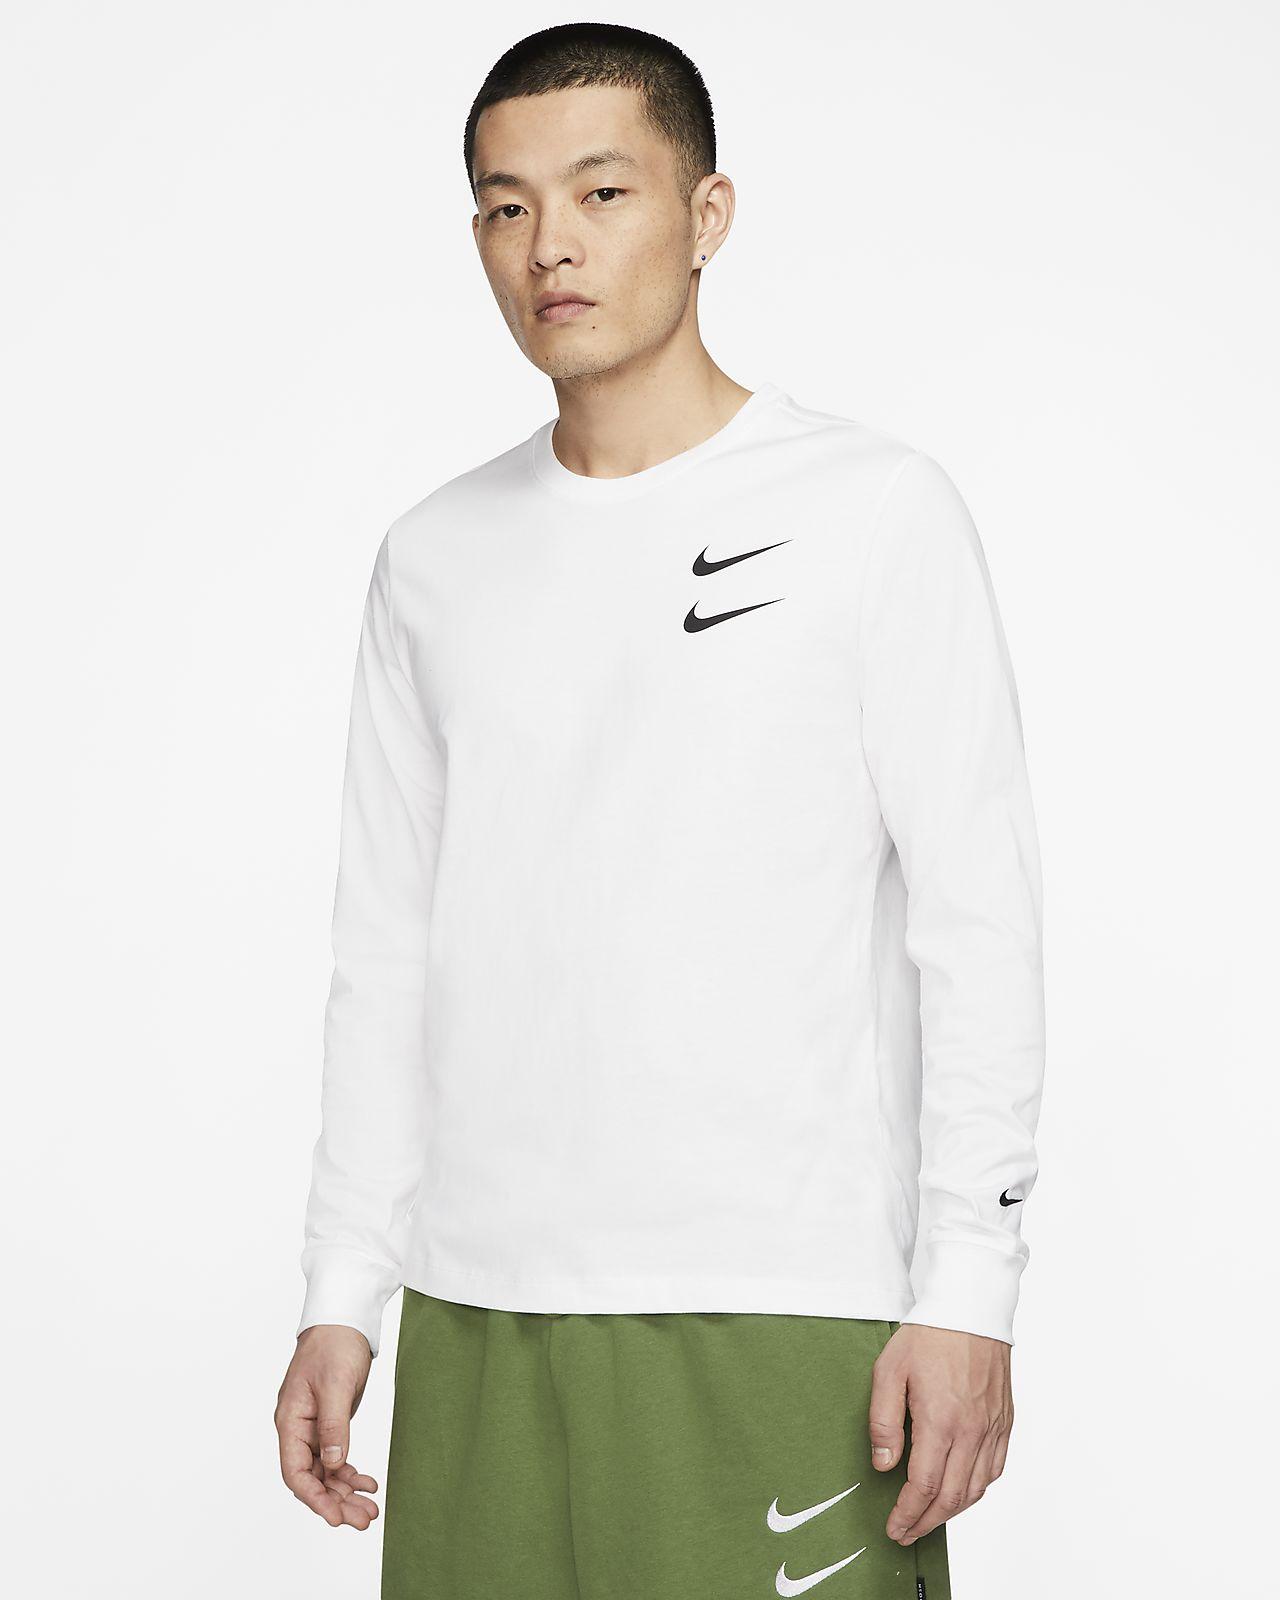 Nike Sportswear Swoosh Men's Long-Sleeve T-Shirt